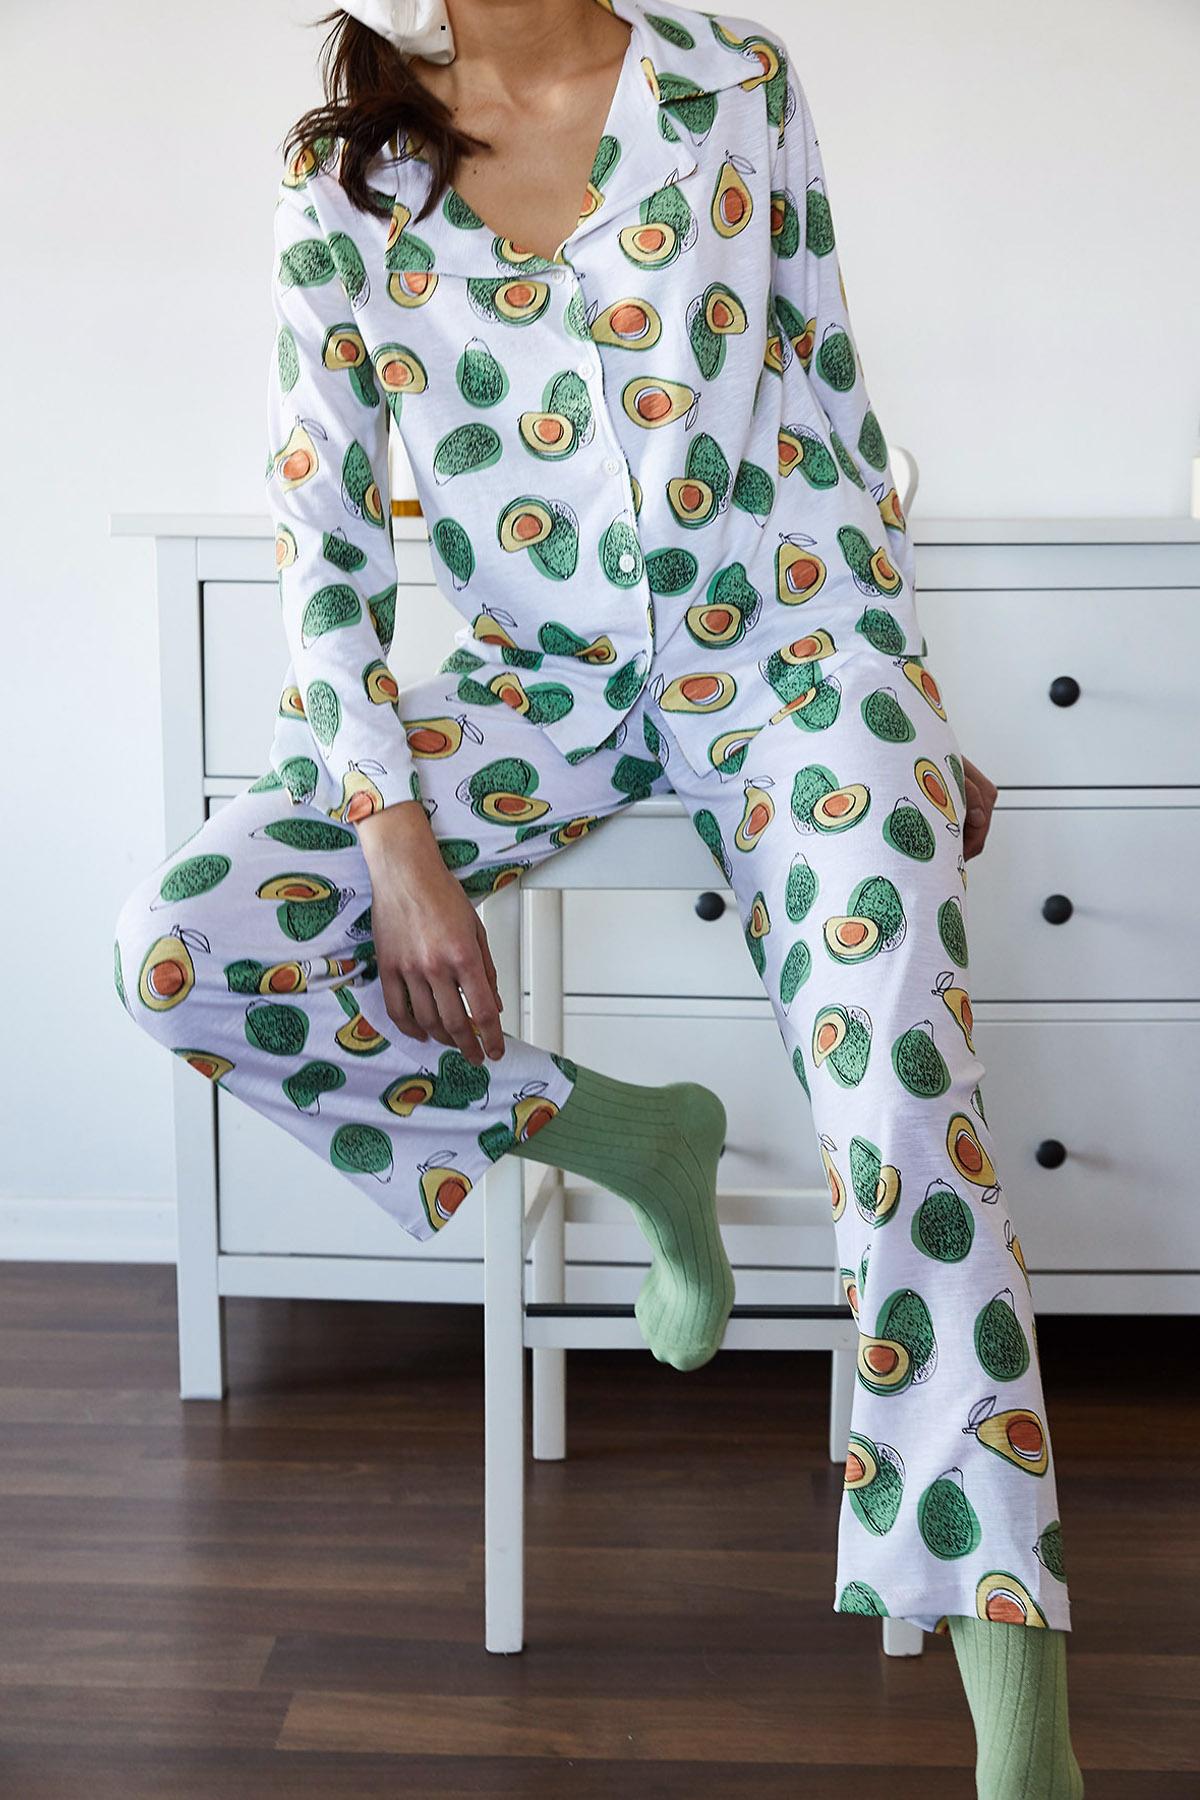 XHAN - Beyaz & Yeşil Avokado Desenli Pijama Takımı 1KXK8-44700-78